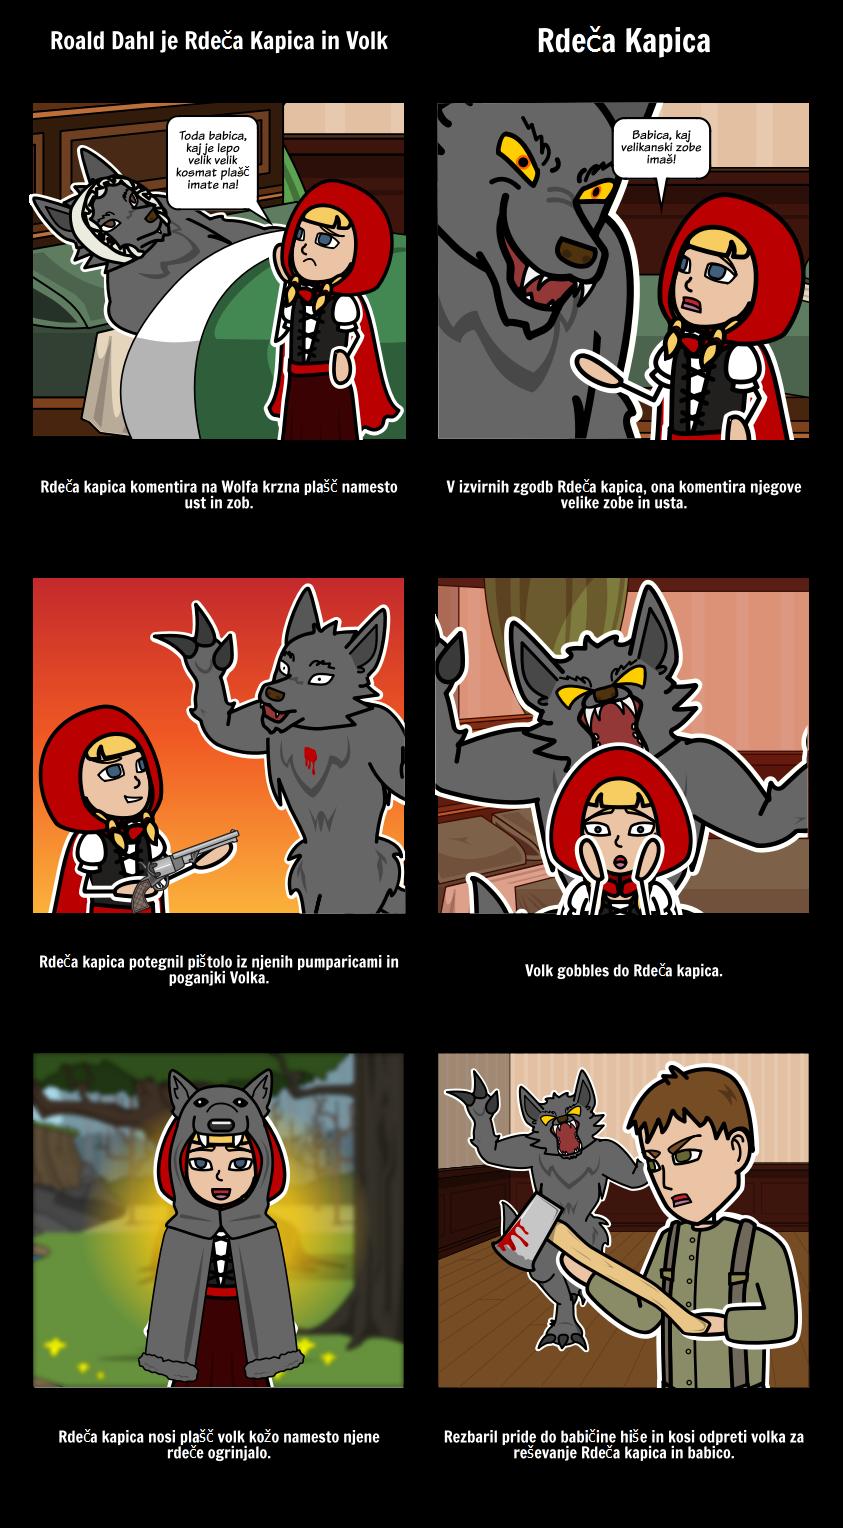 Rdeča Kapica in Volk - Primerjajte / Kontrast